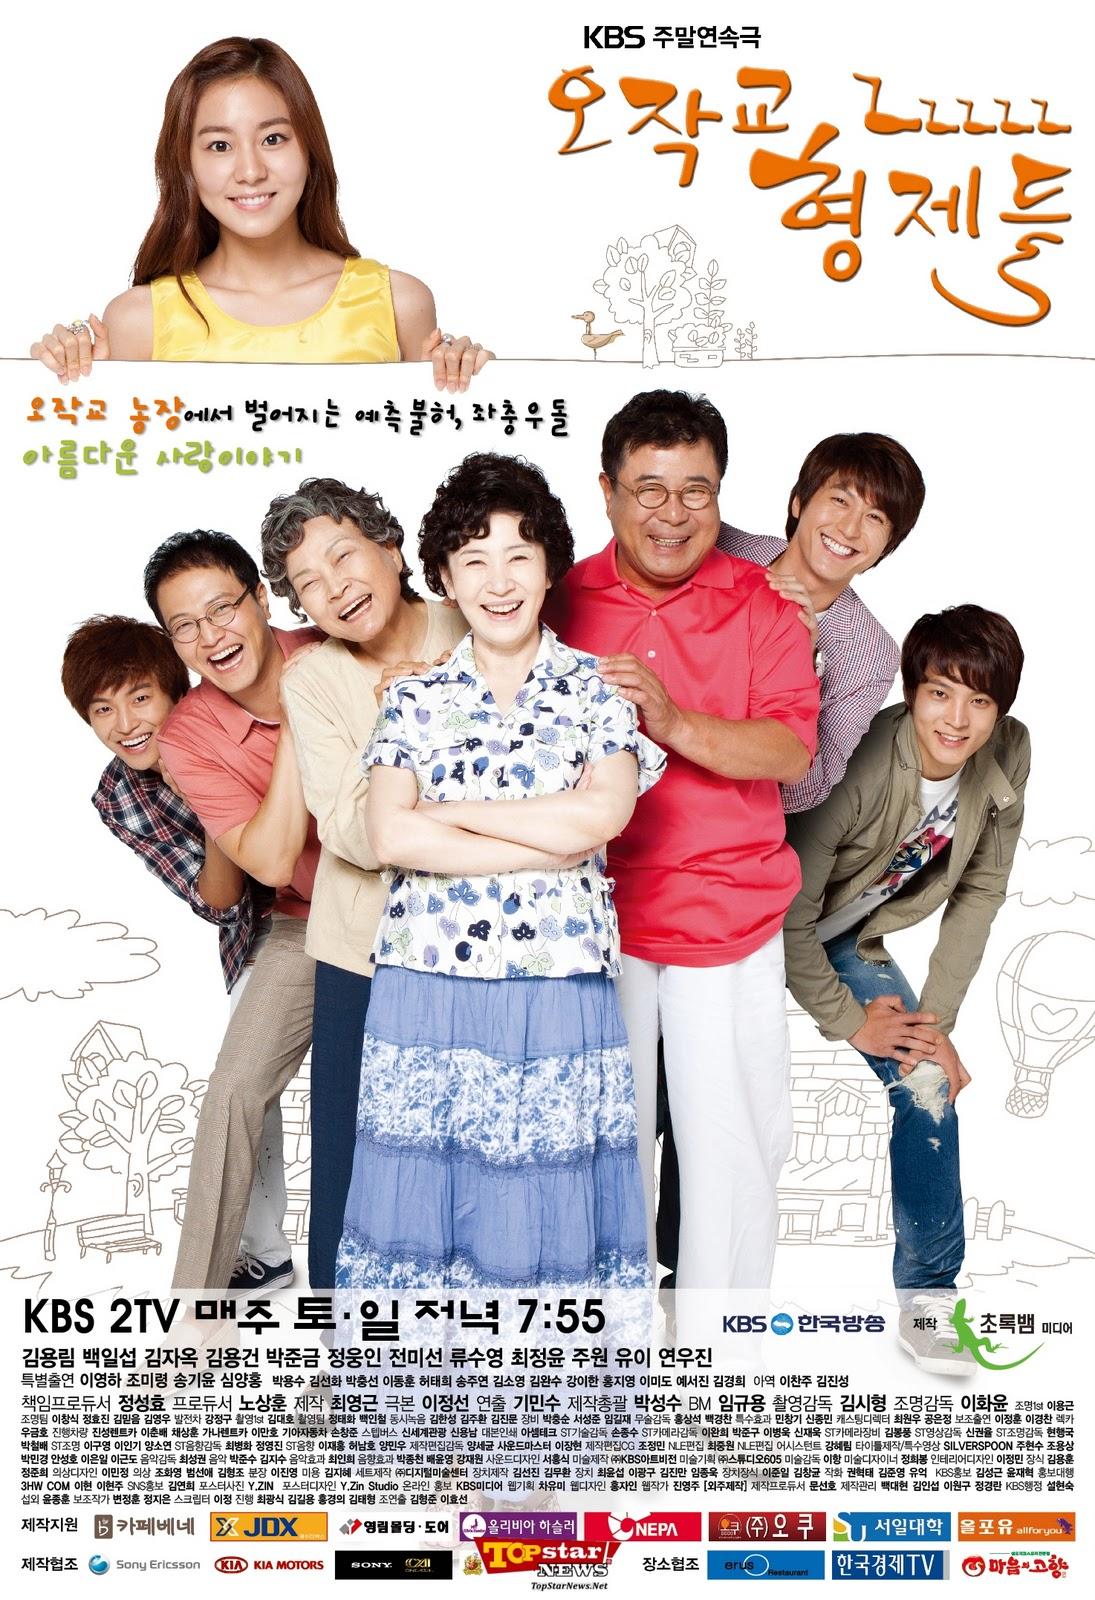 phim hàn quốc đề tài gia đình 11